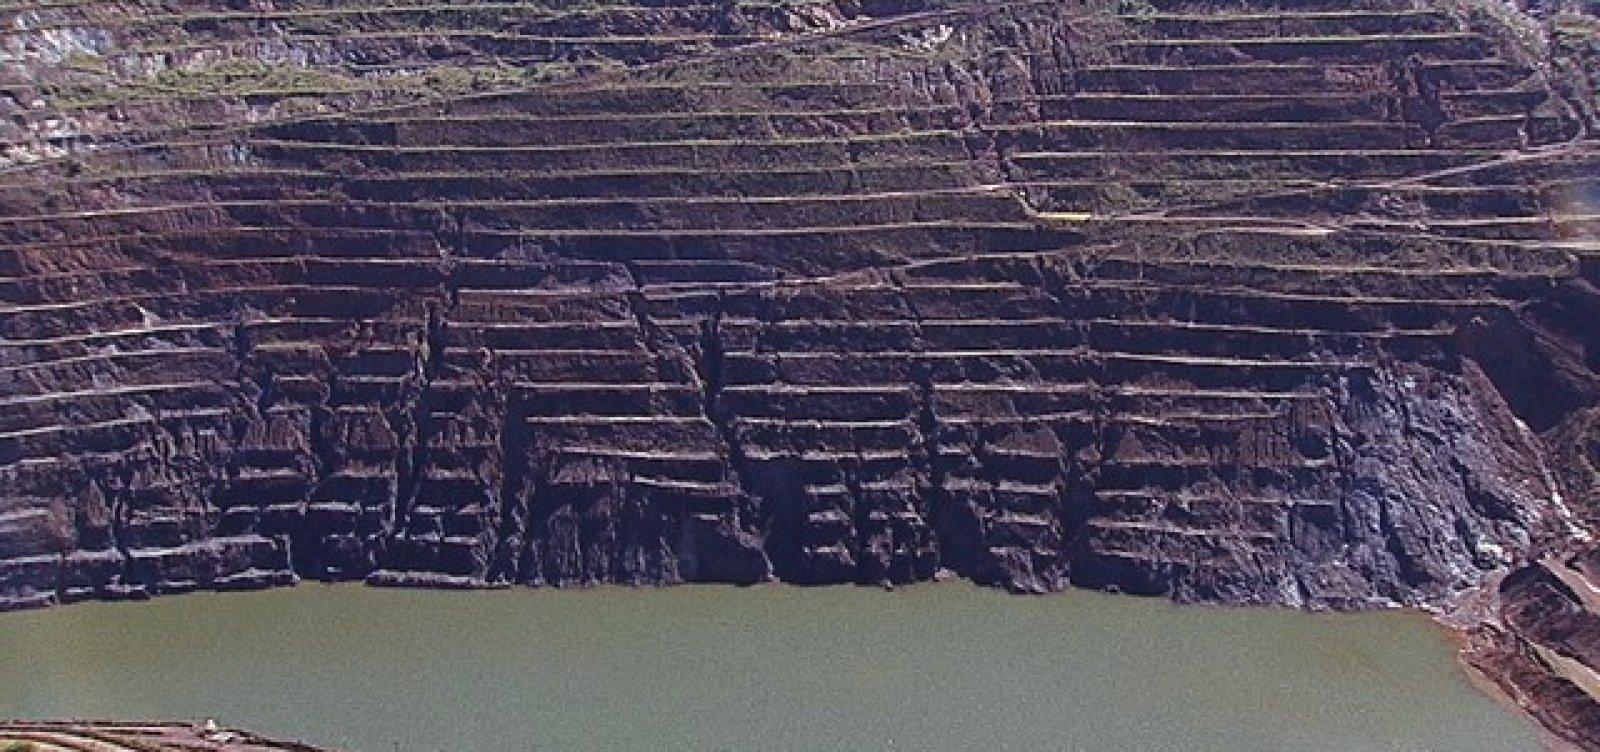 [Deslocamento de talude de barragem da Vale em Barão de Cocais chega a 18 cm em alguns pontos, diz ANM]